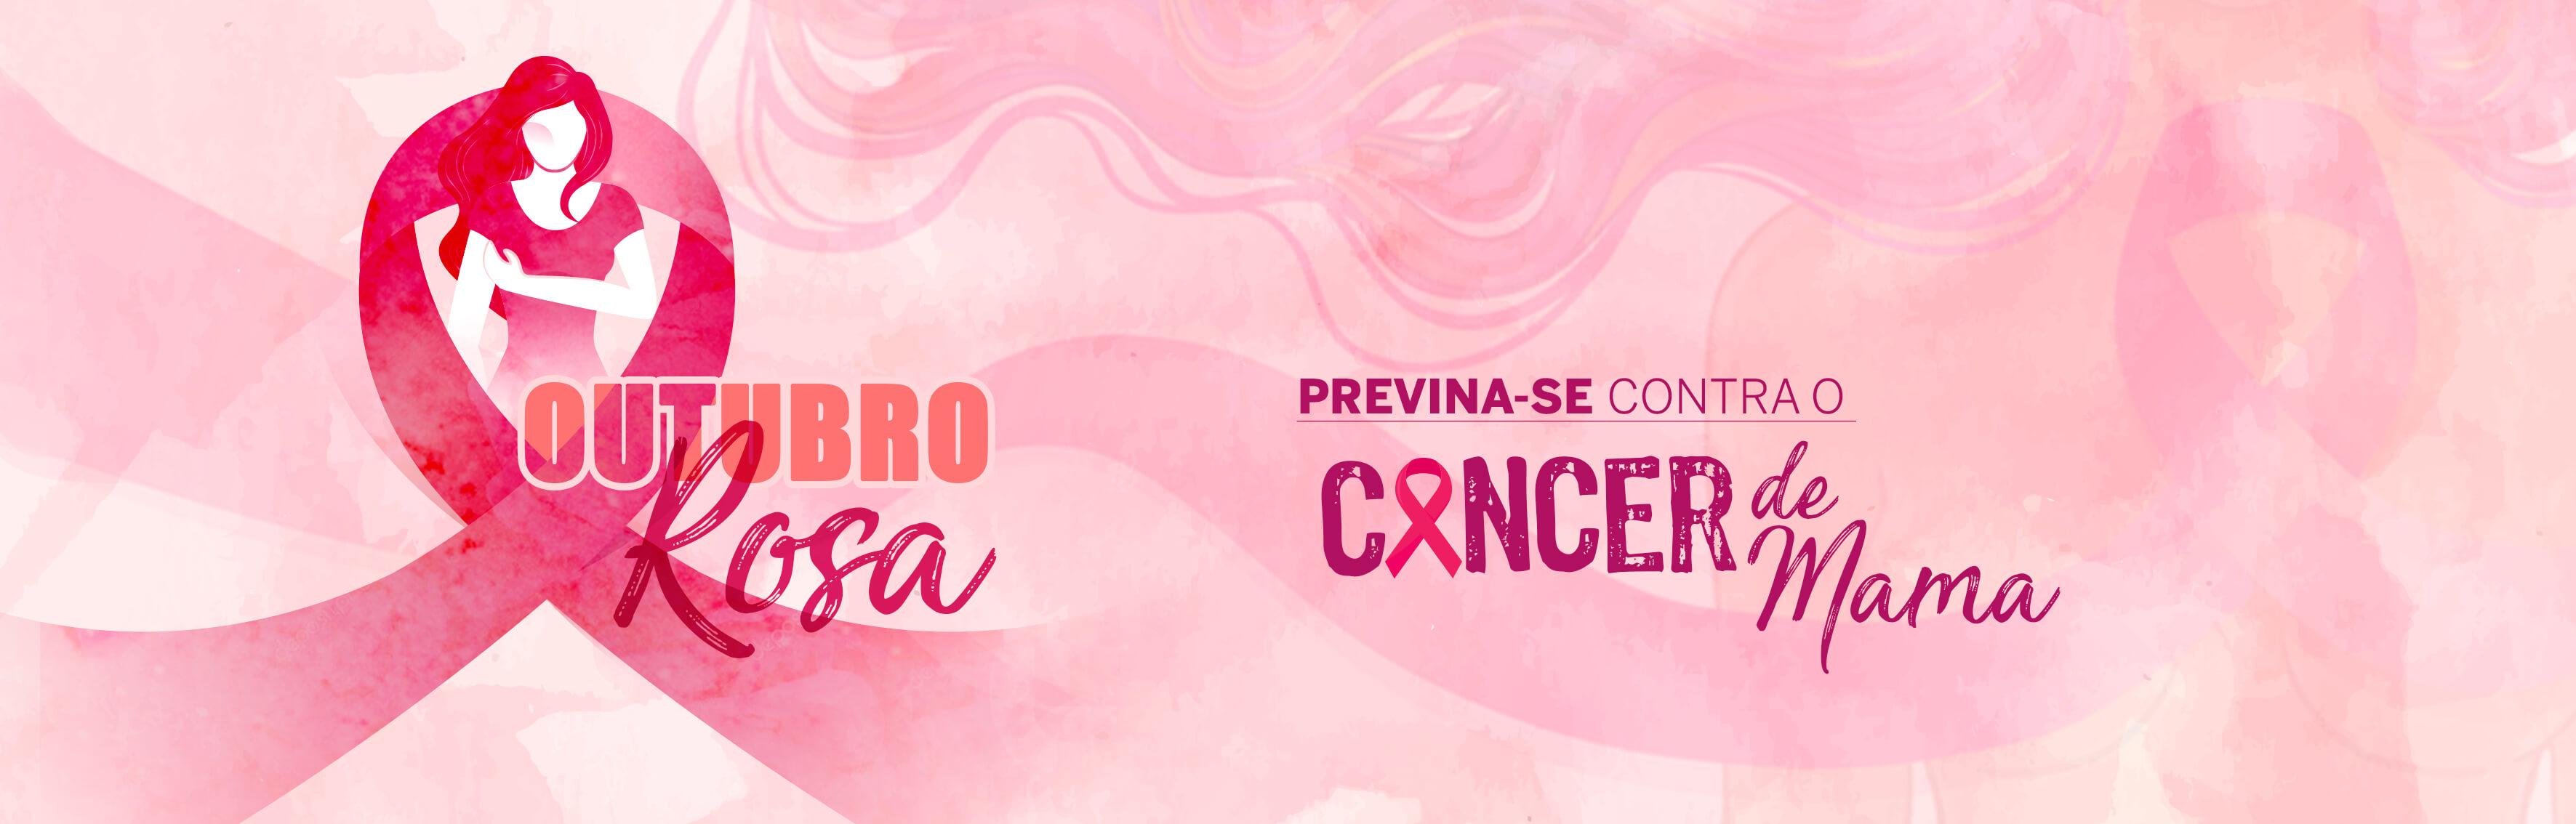 outubro-rosa-cancer-de-mama-famesp